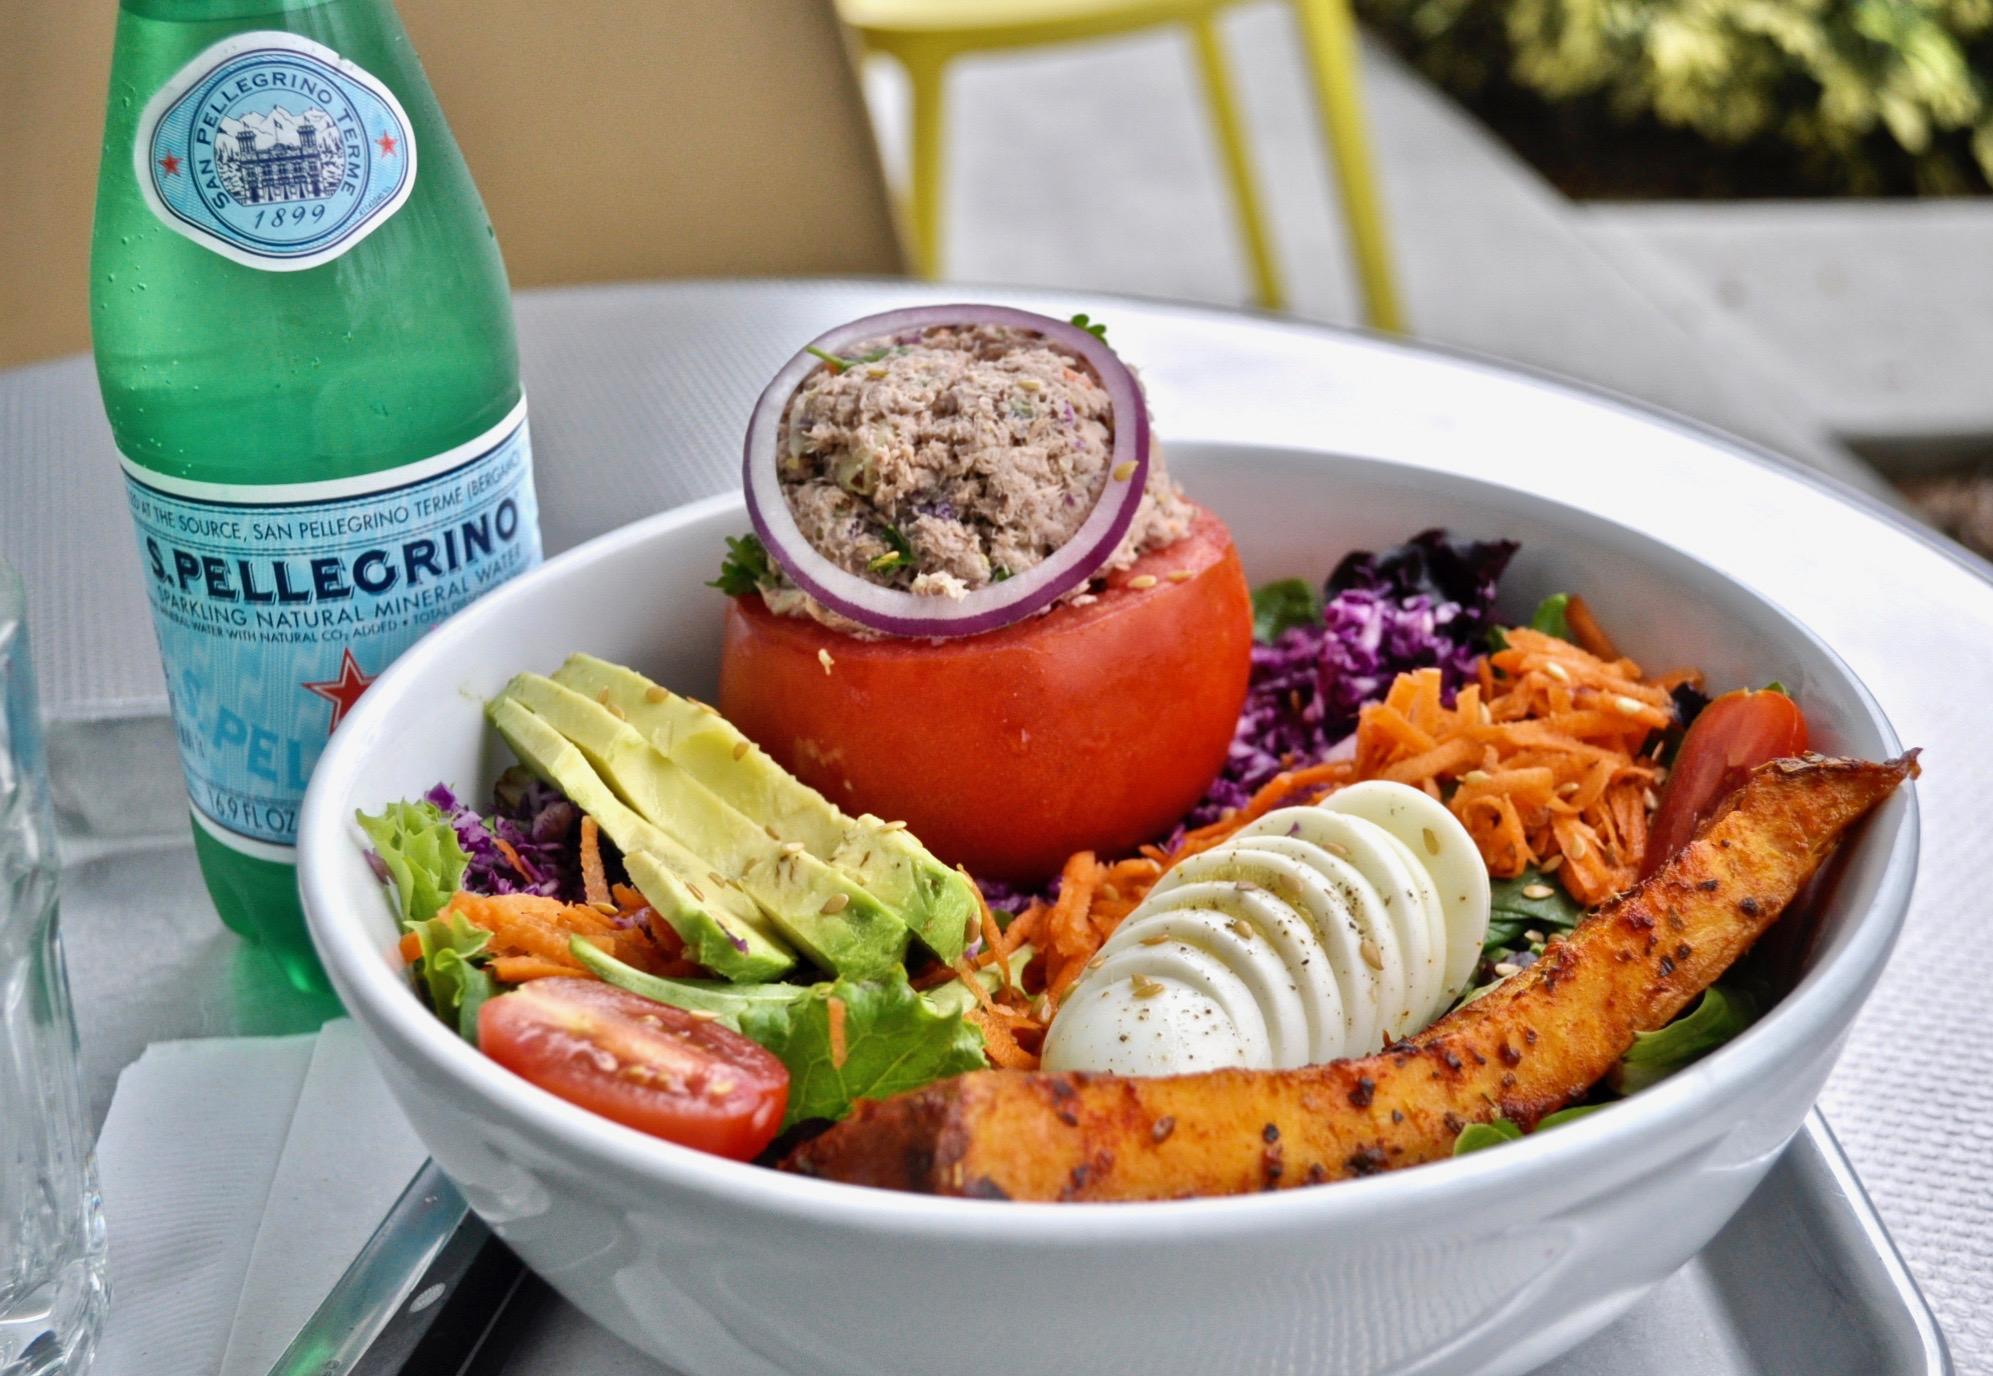 Tomato stuffed with  tuna salad Image